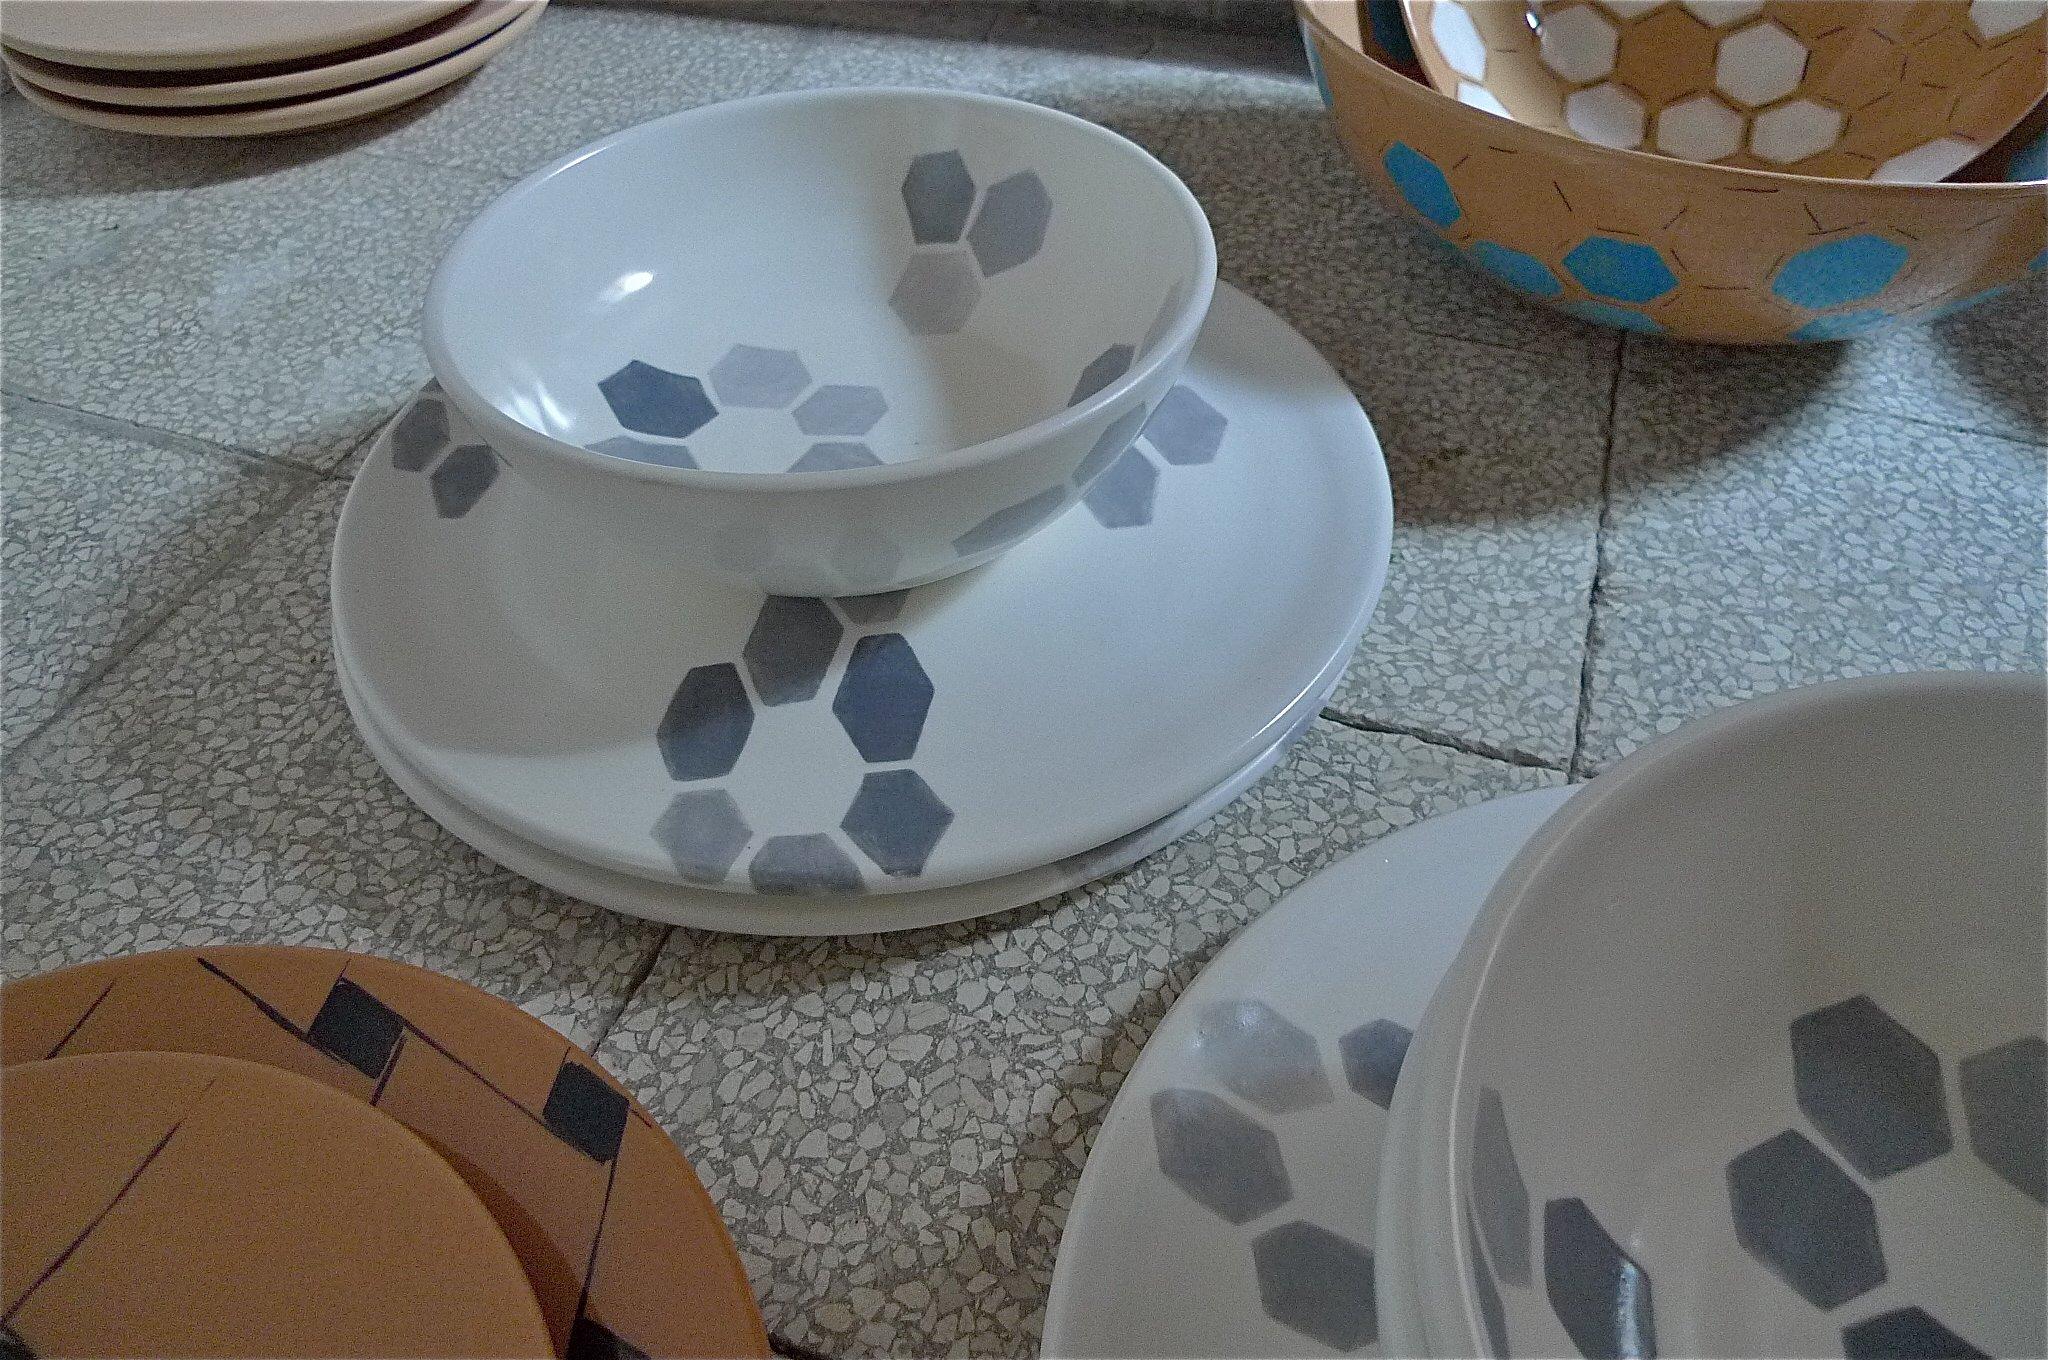 white ceramic body heavy: grey hexagon florets solid: bowl 10x20cm (60E) plate 2x30cm (80E)